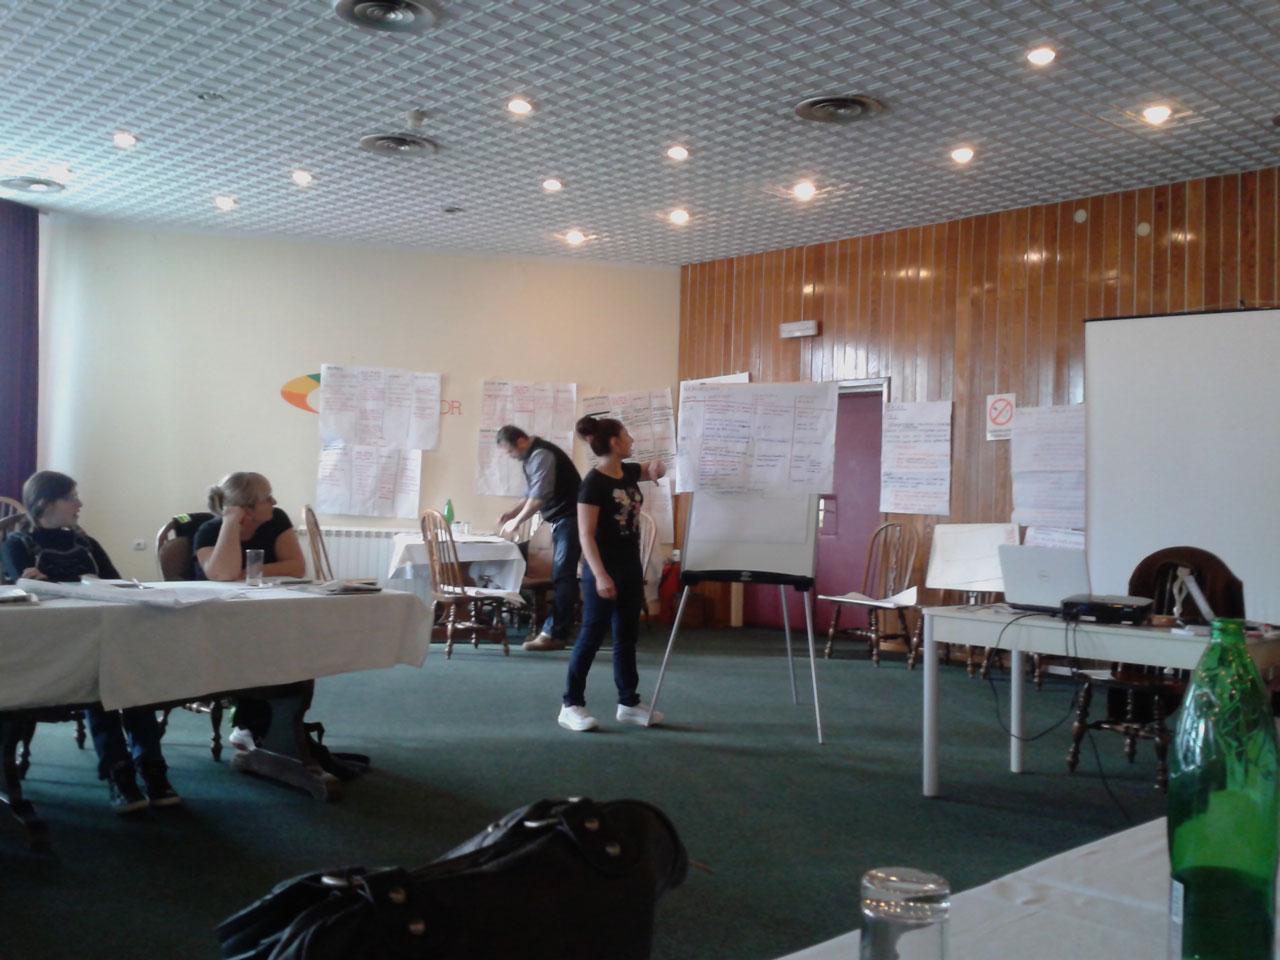 Roma centar socijalni monitoring u praksi slika 4